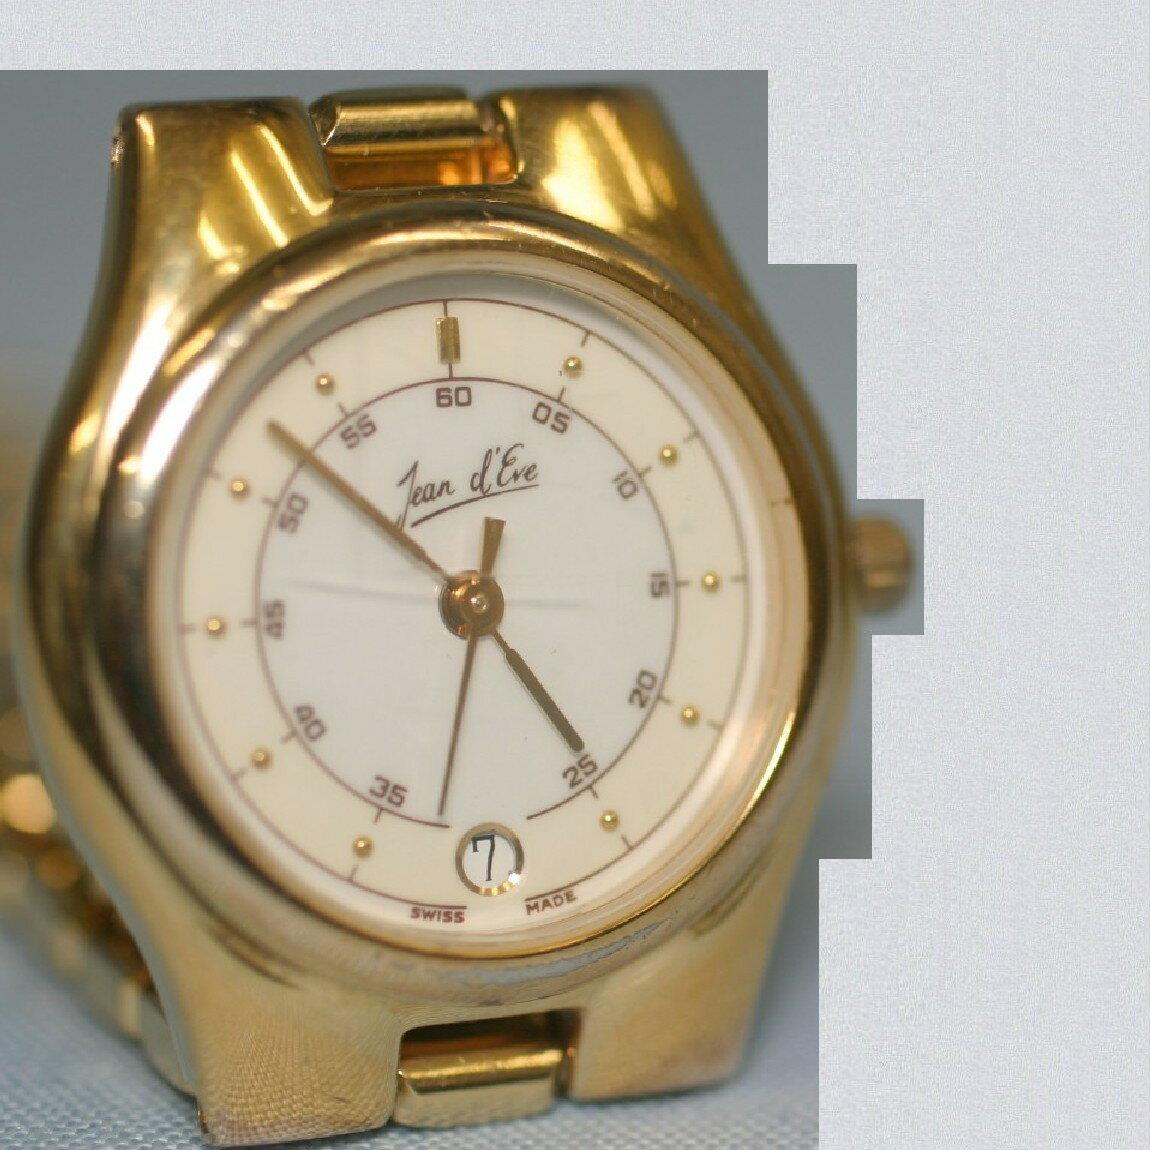 【中古】本物Jeand`Eveジャン,イブ紳士用丸いブレスタイプ金色時計電池交換済み